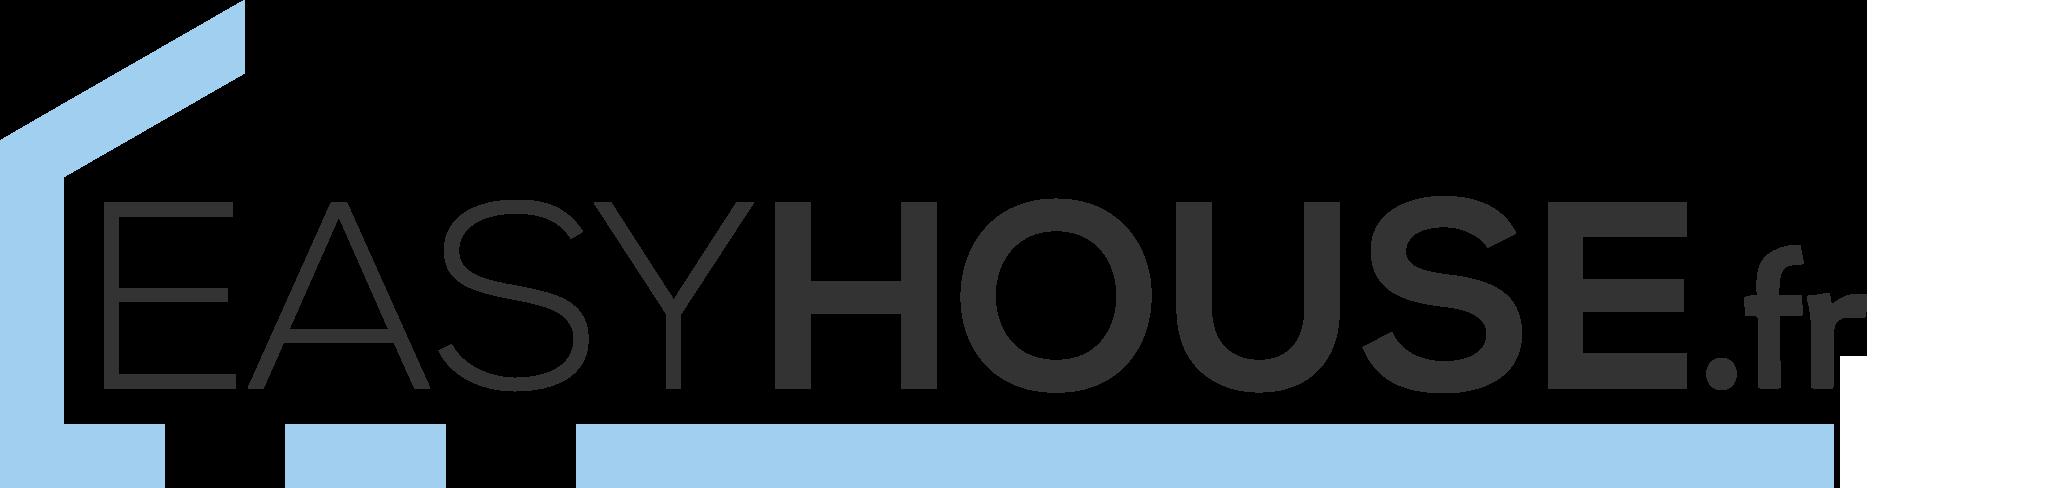 Logo EasyHouse, partenaire pour la première maison individuelle labellisée